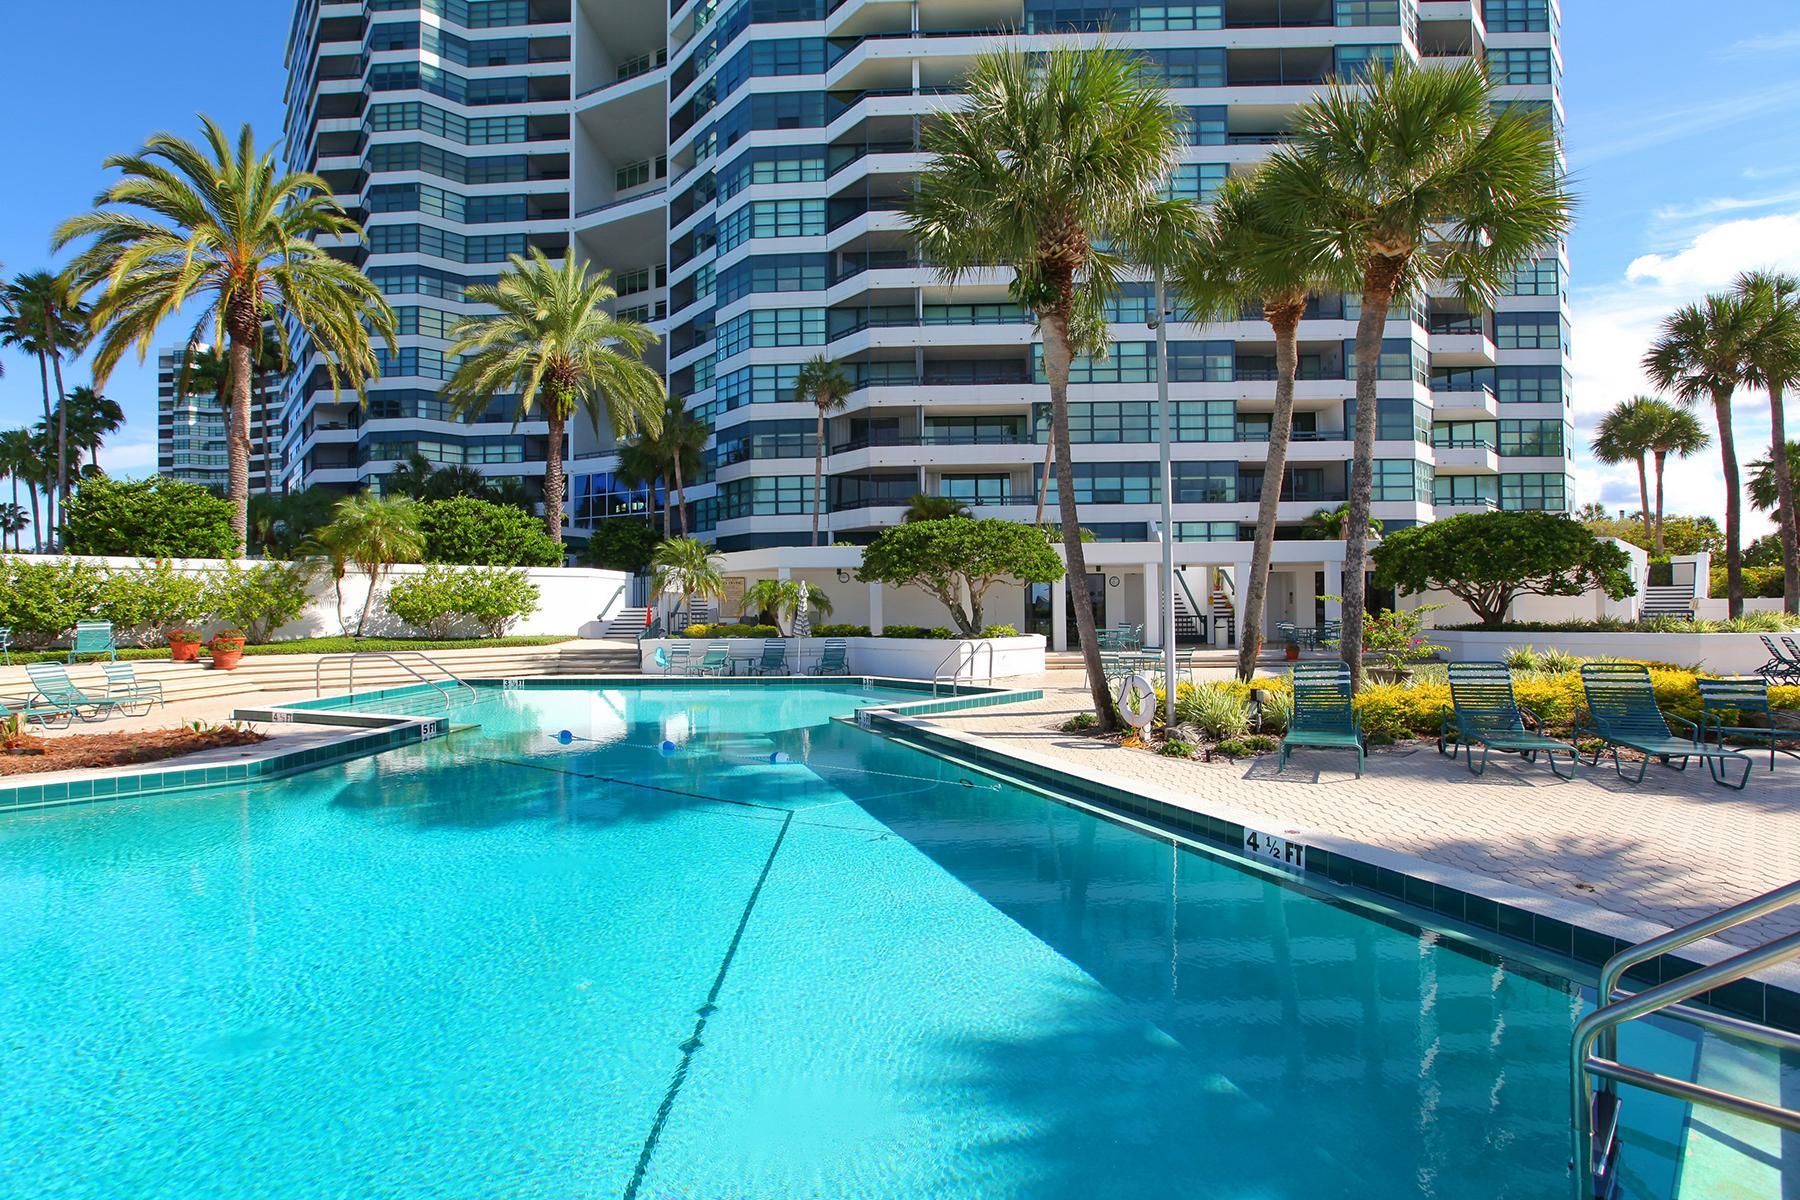 Condominio per Vendita alle ore CONDO ON THE BAY 888 Blvd Of The Arts 1901, 1902, Sarasota, Florida, 34236 Stati Uniti